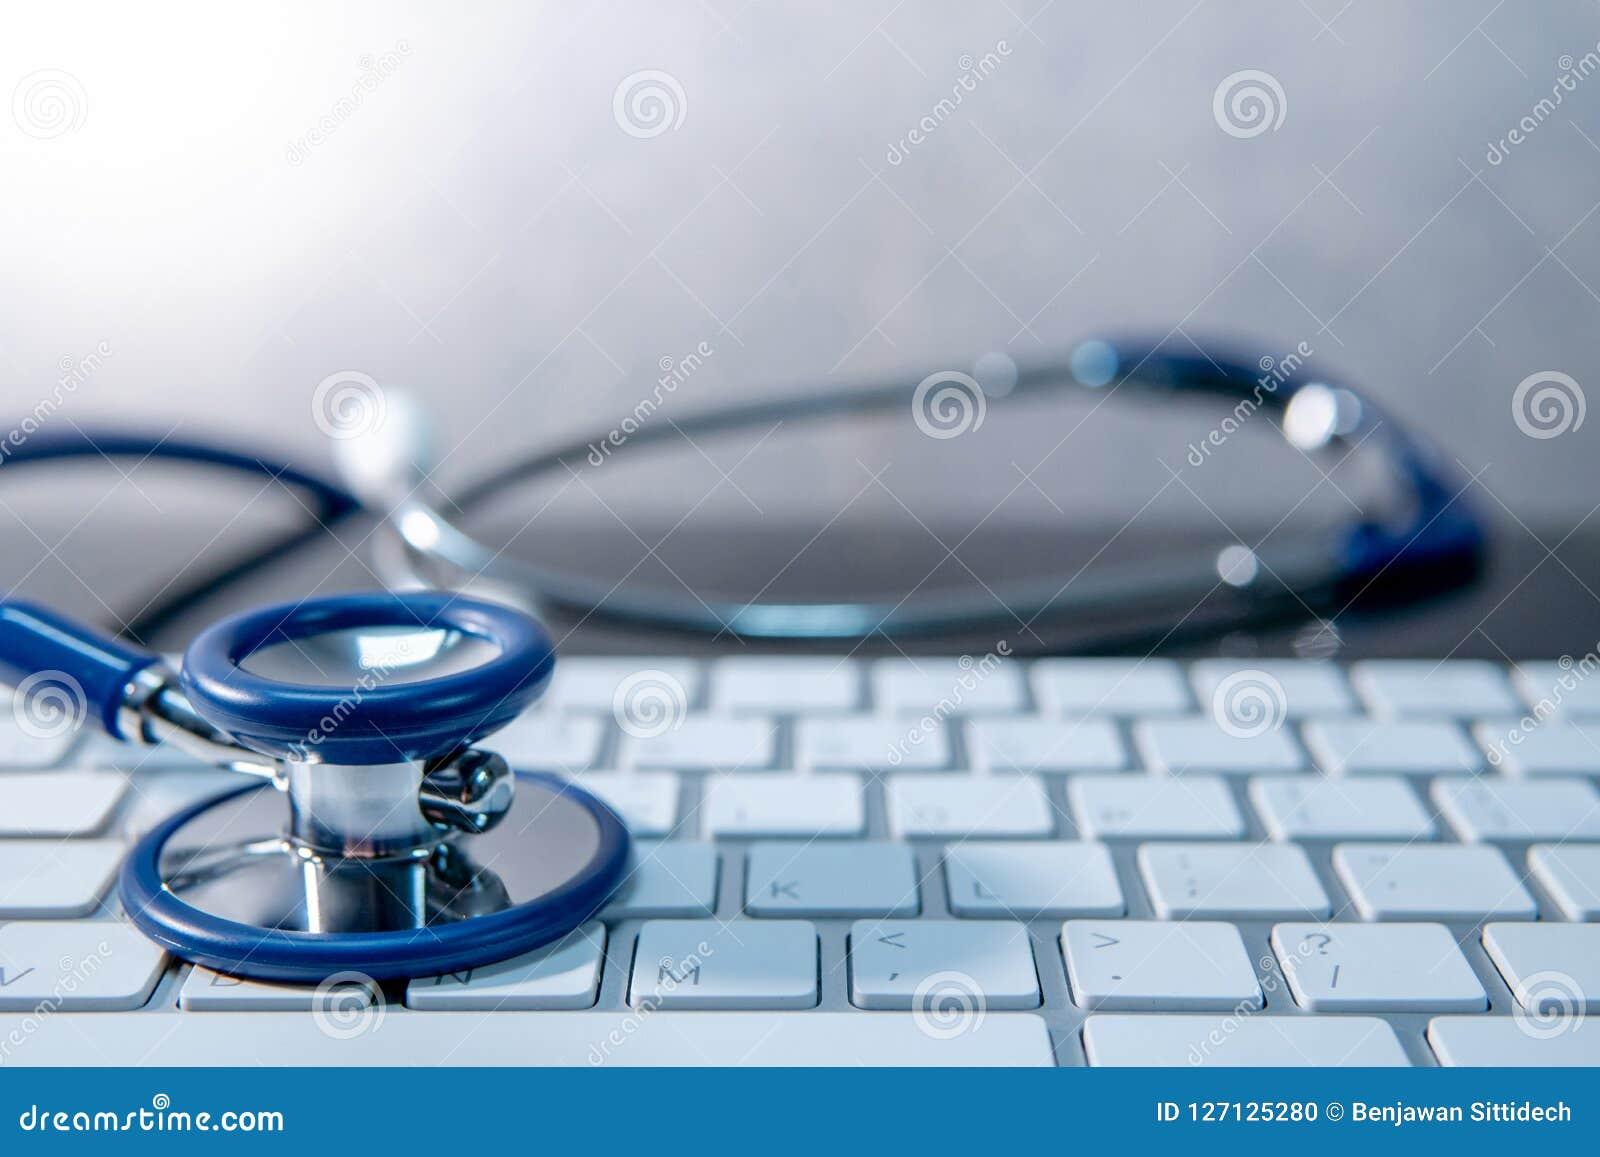 Medical technology. Stethoscope on white keyboard